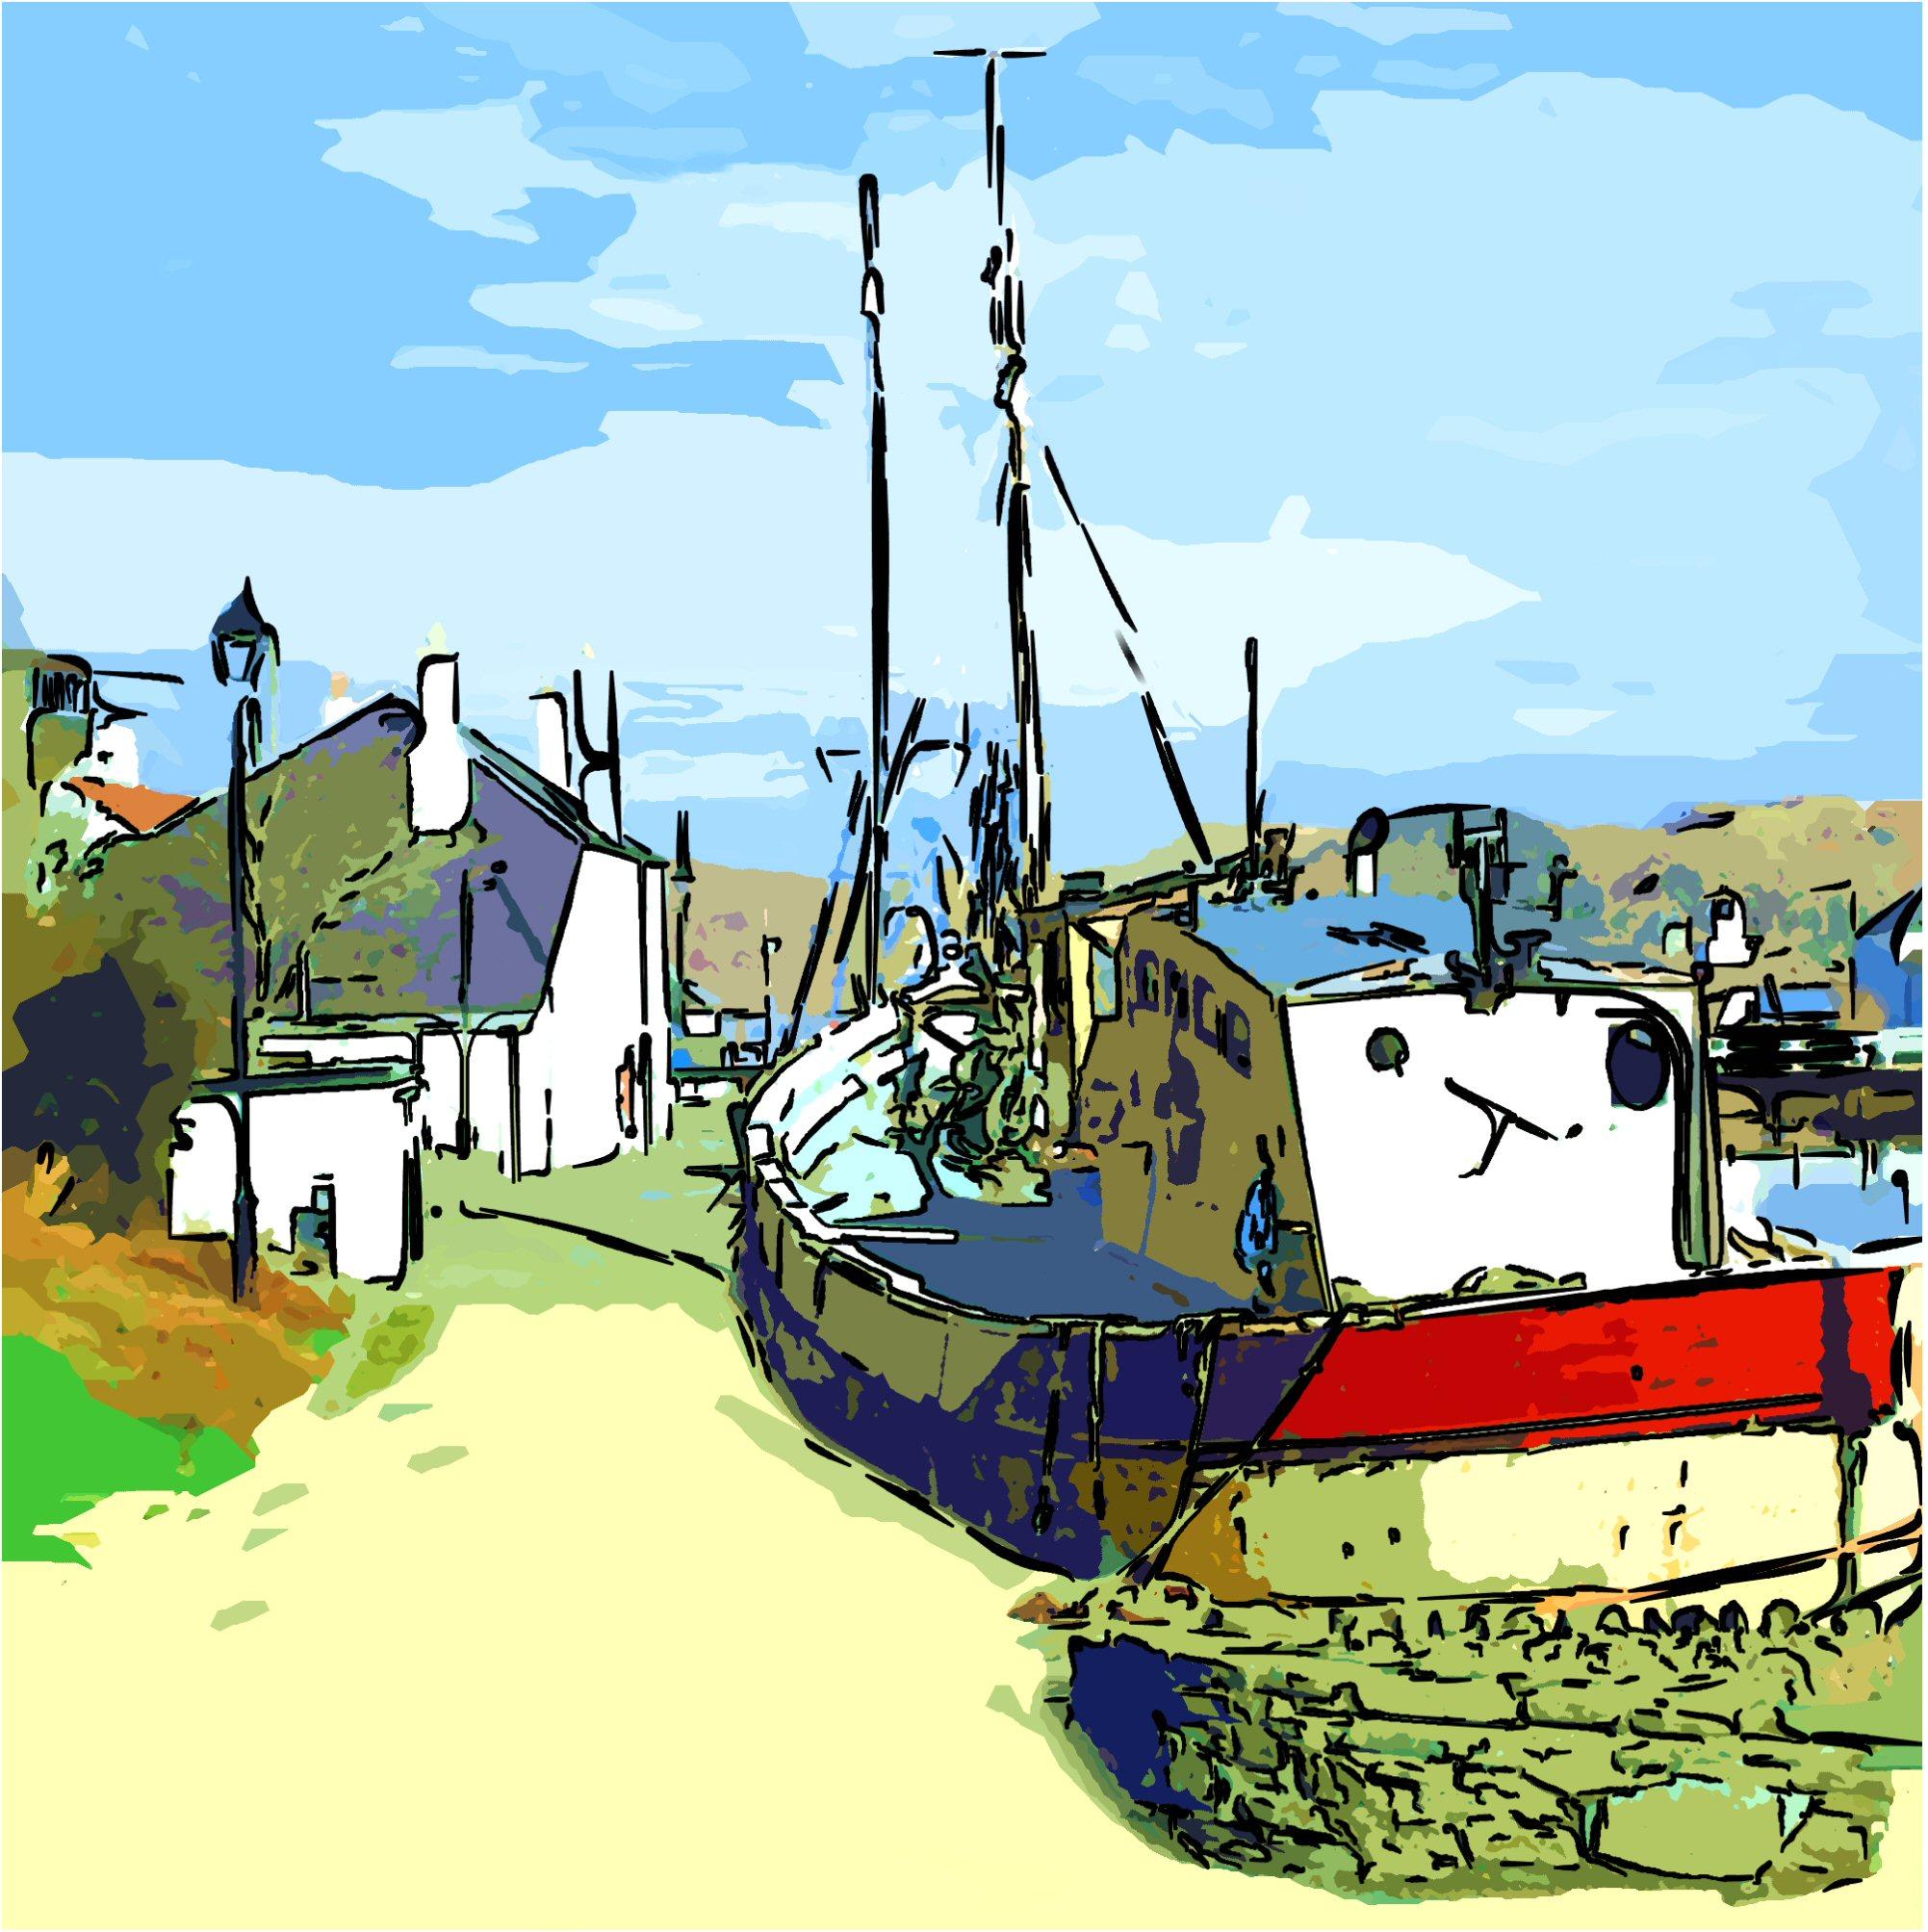 crinanboat2 (2).jpg